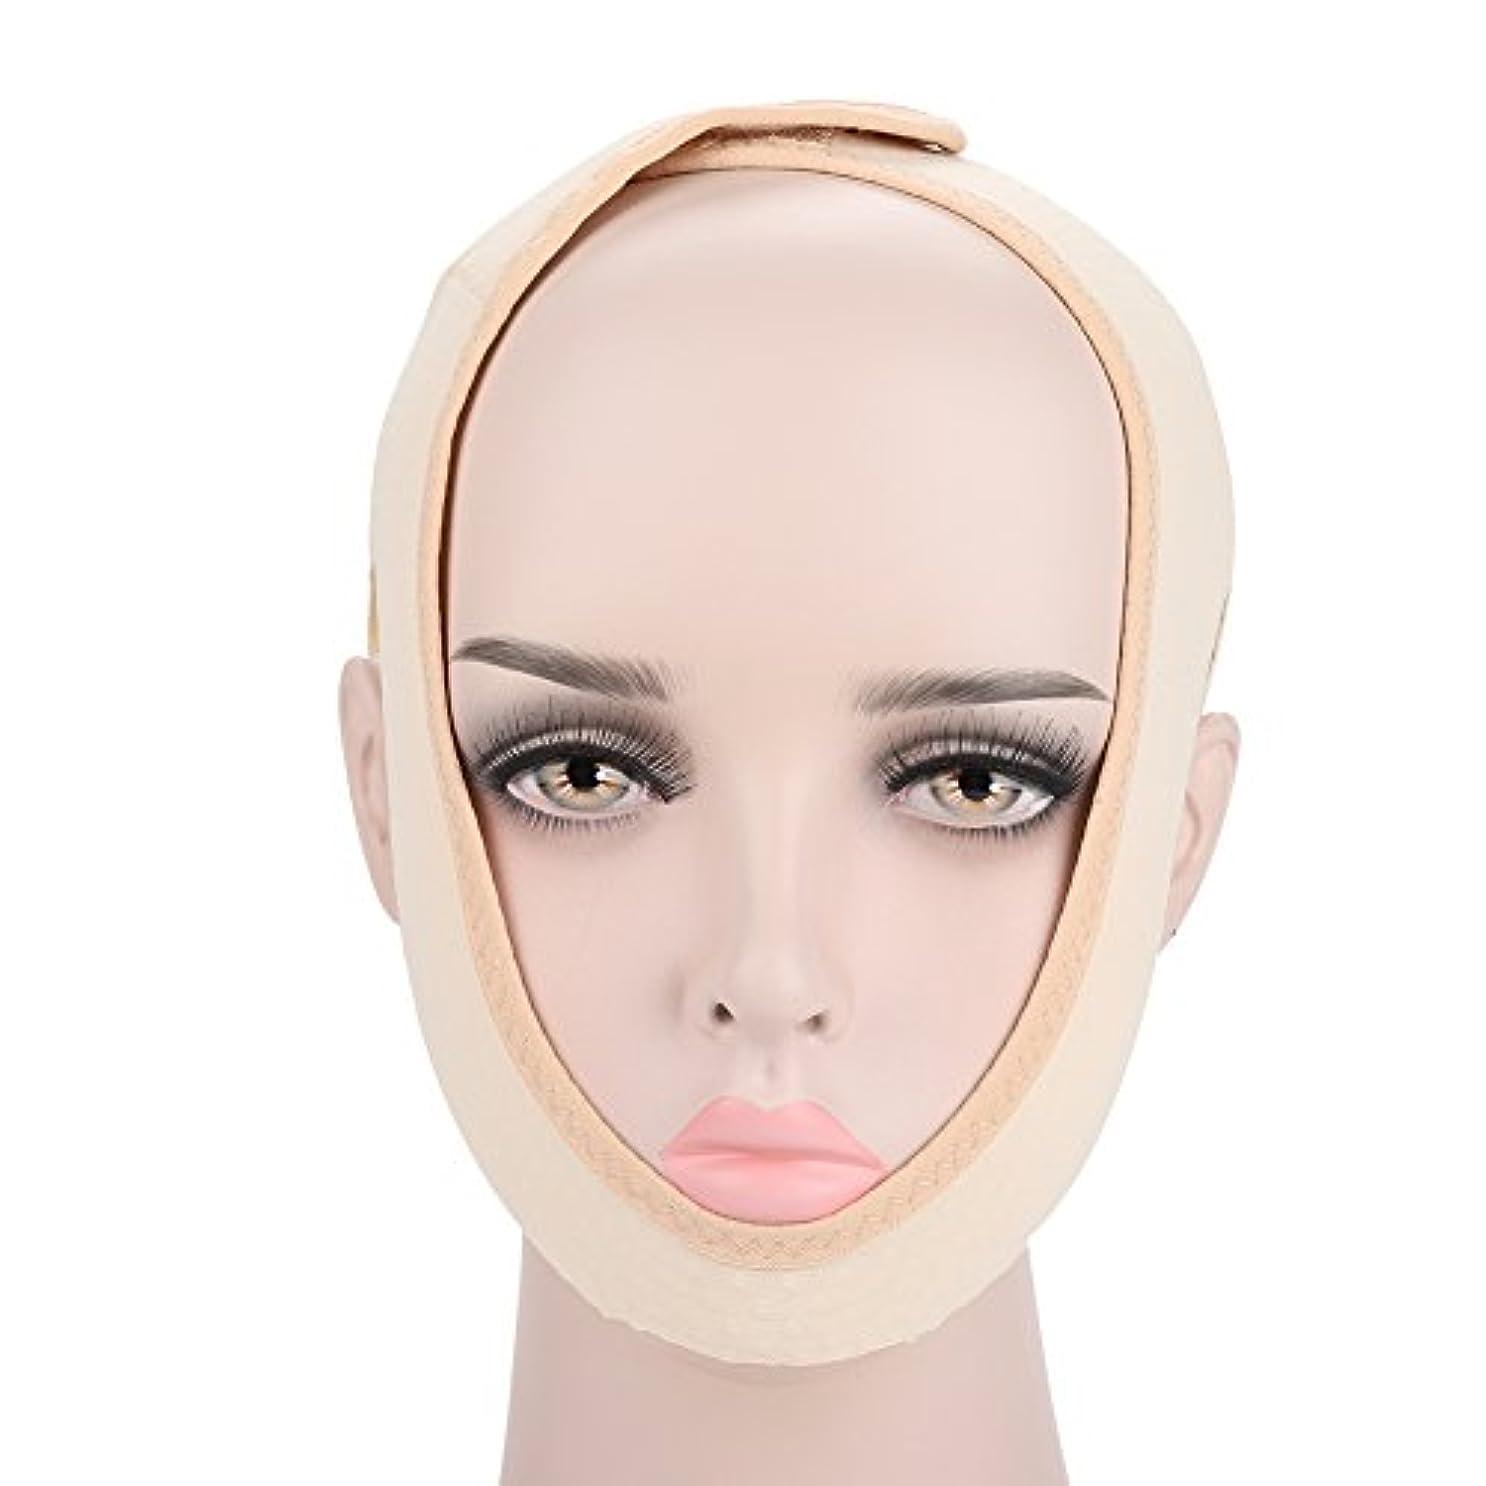 ひねり代わって狐顔の輪郭を改善するための顔の痩身マスク、通気性と伸縮性、二重あごを和らげ、顔の手術とリハビリ